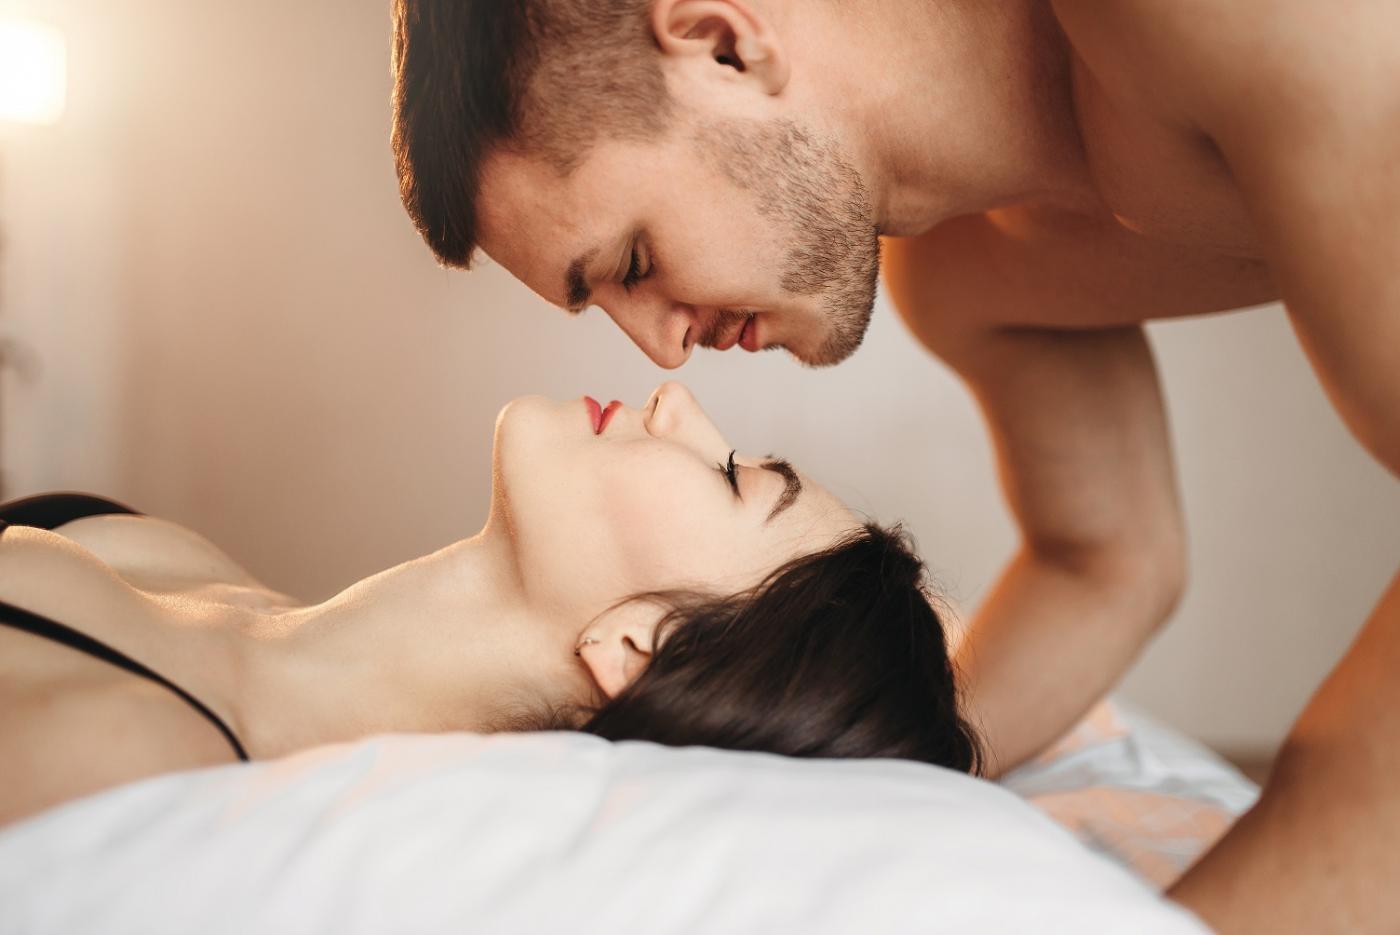 Szukam kochanka w Warszawie   whineymomma.com